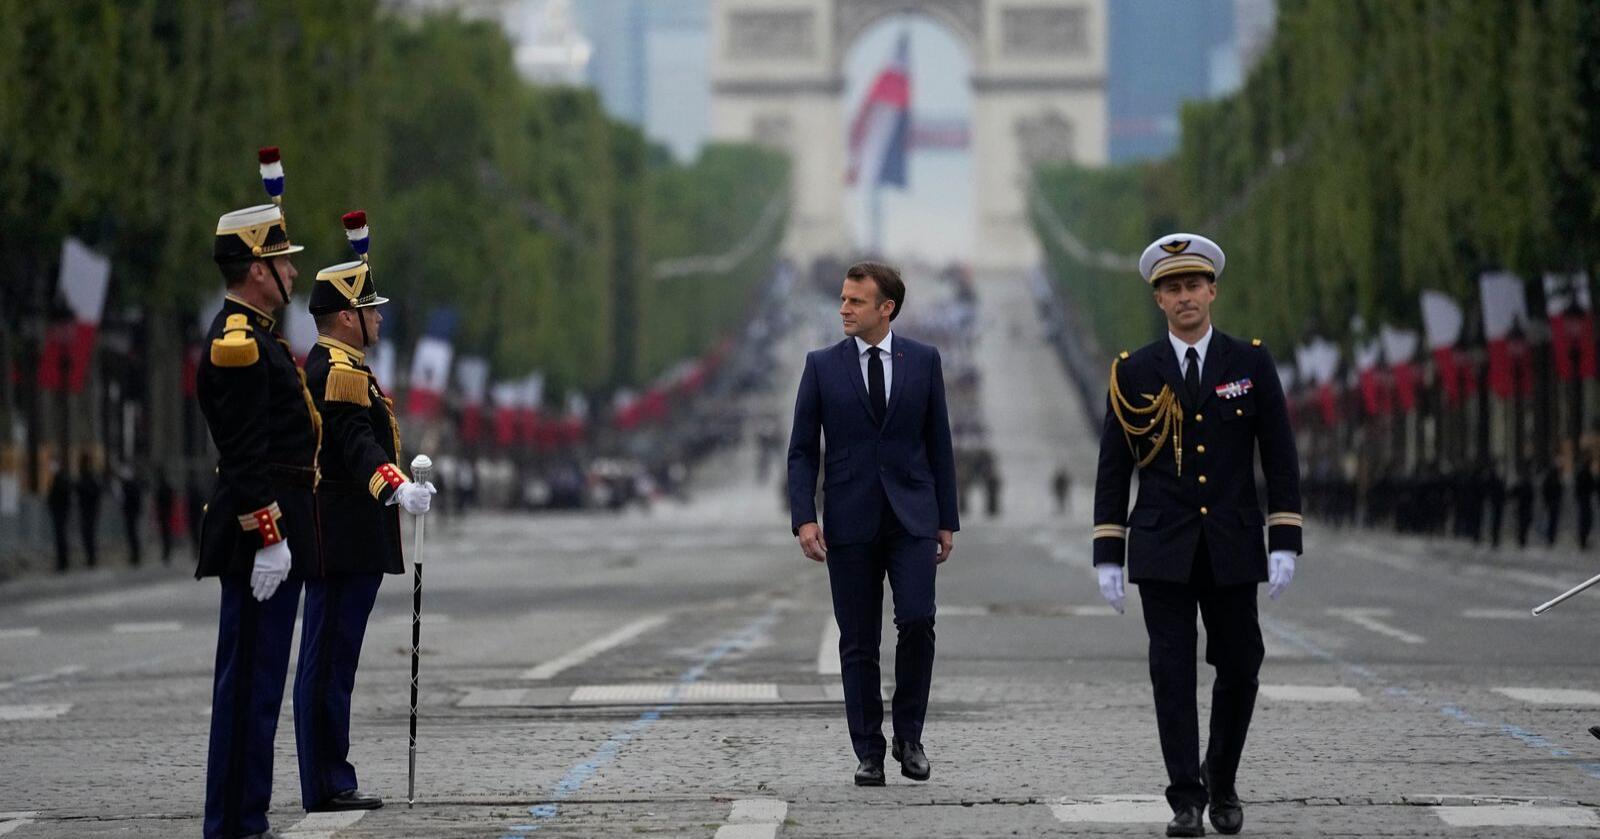 Kan ikke avskrives: President Emmanuel Macron under feiringen av Frankrikes nasjonaldag 14. juli. Foto: Michel Euler / AP / NTB